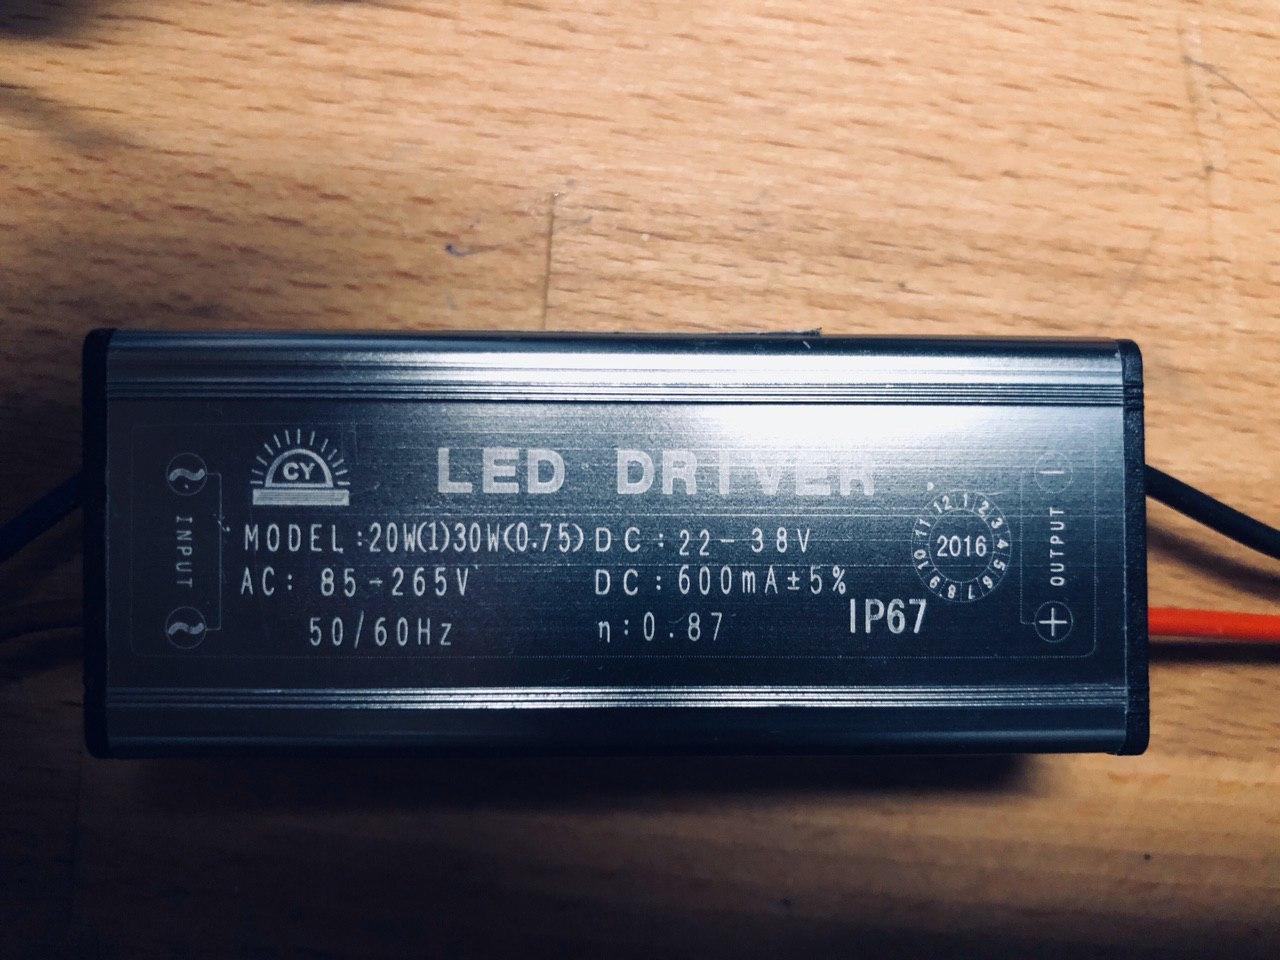 Экспресс UV лампа своими руками 400-405 нм для полимеризации 3D фотополимерных моделей - 3